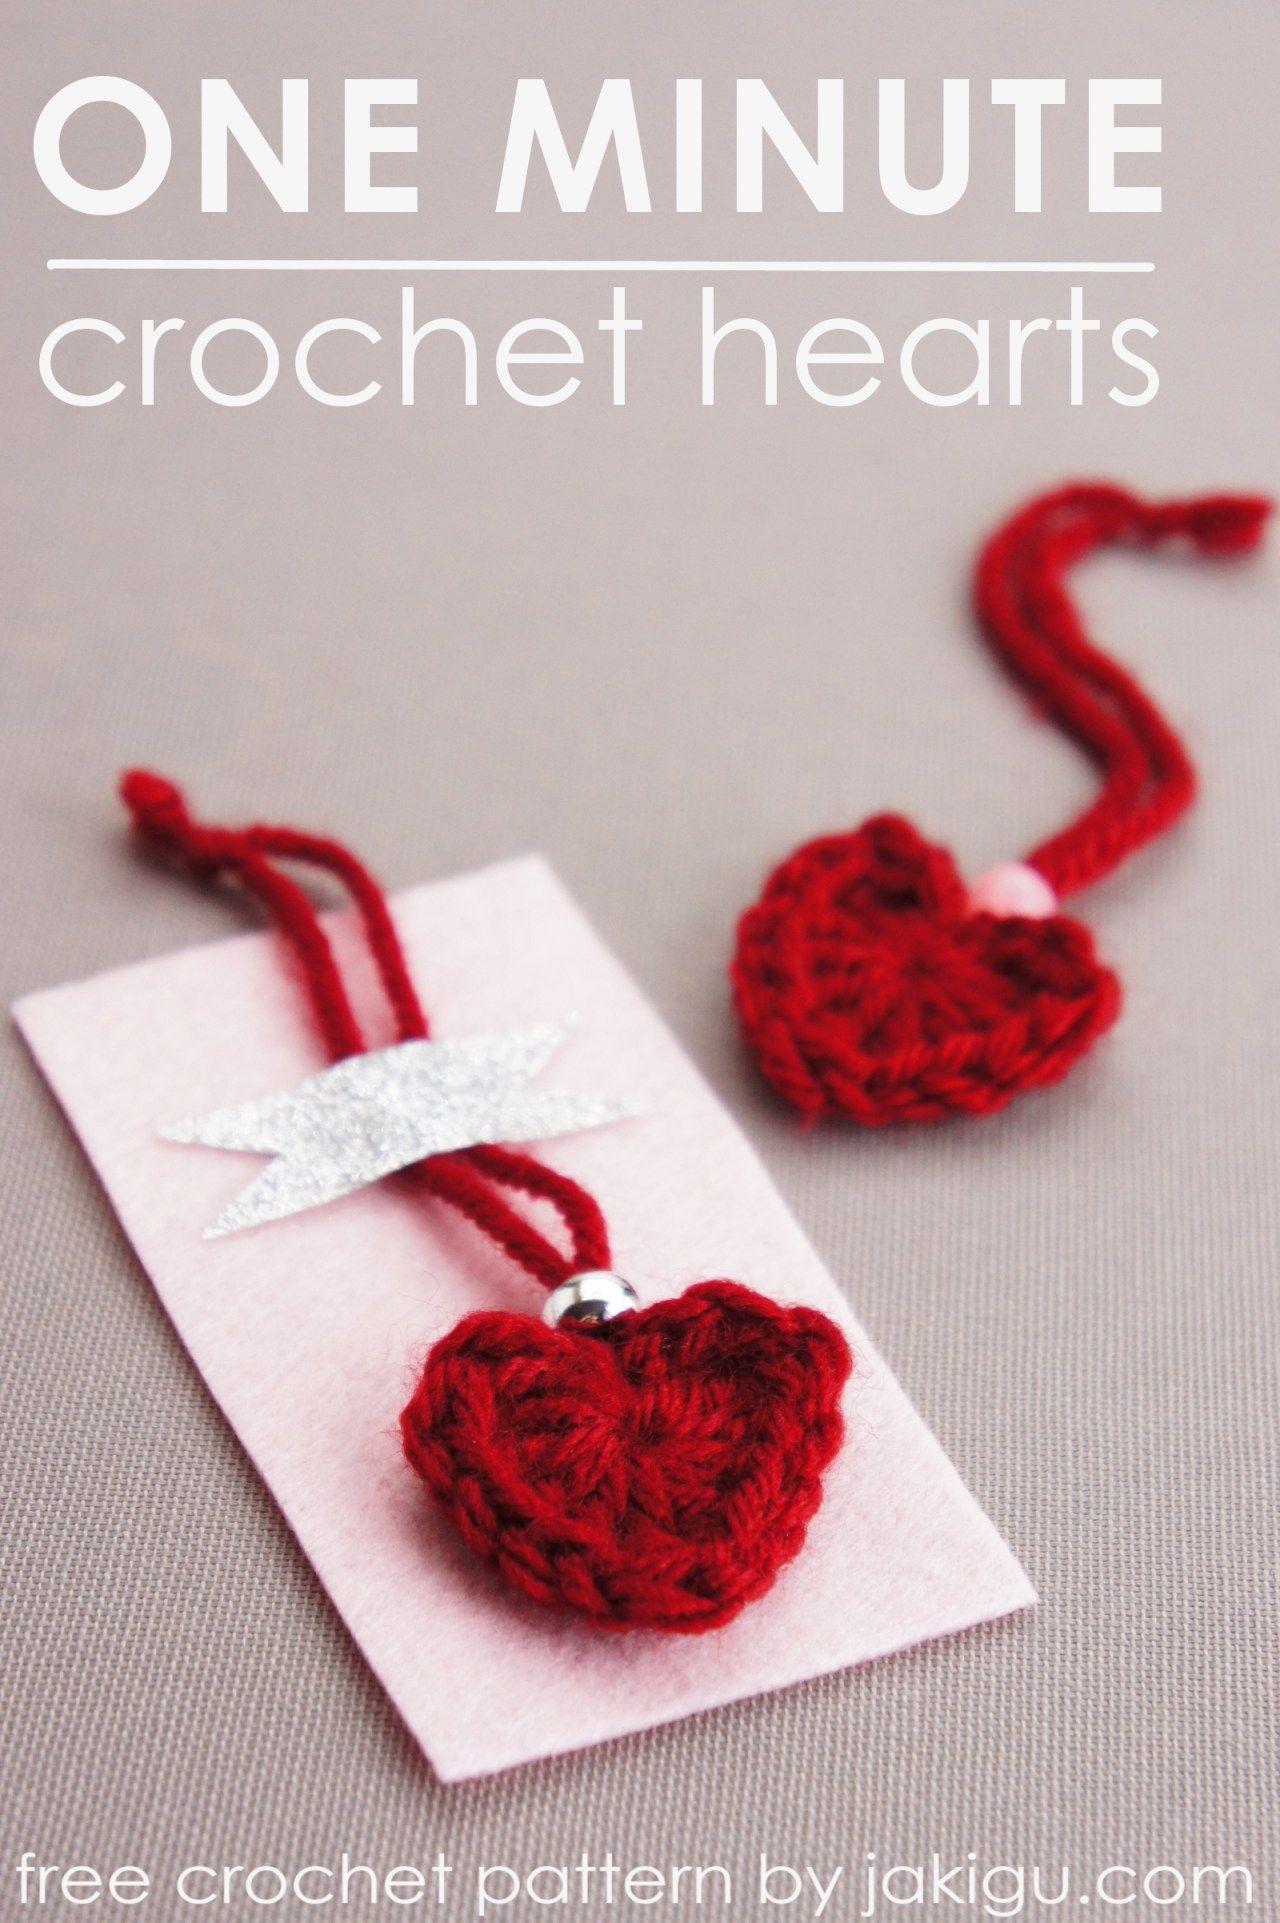 one minute crochet heart - free crochet pattern